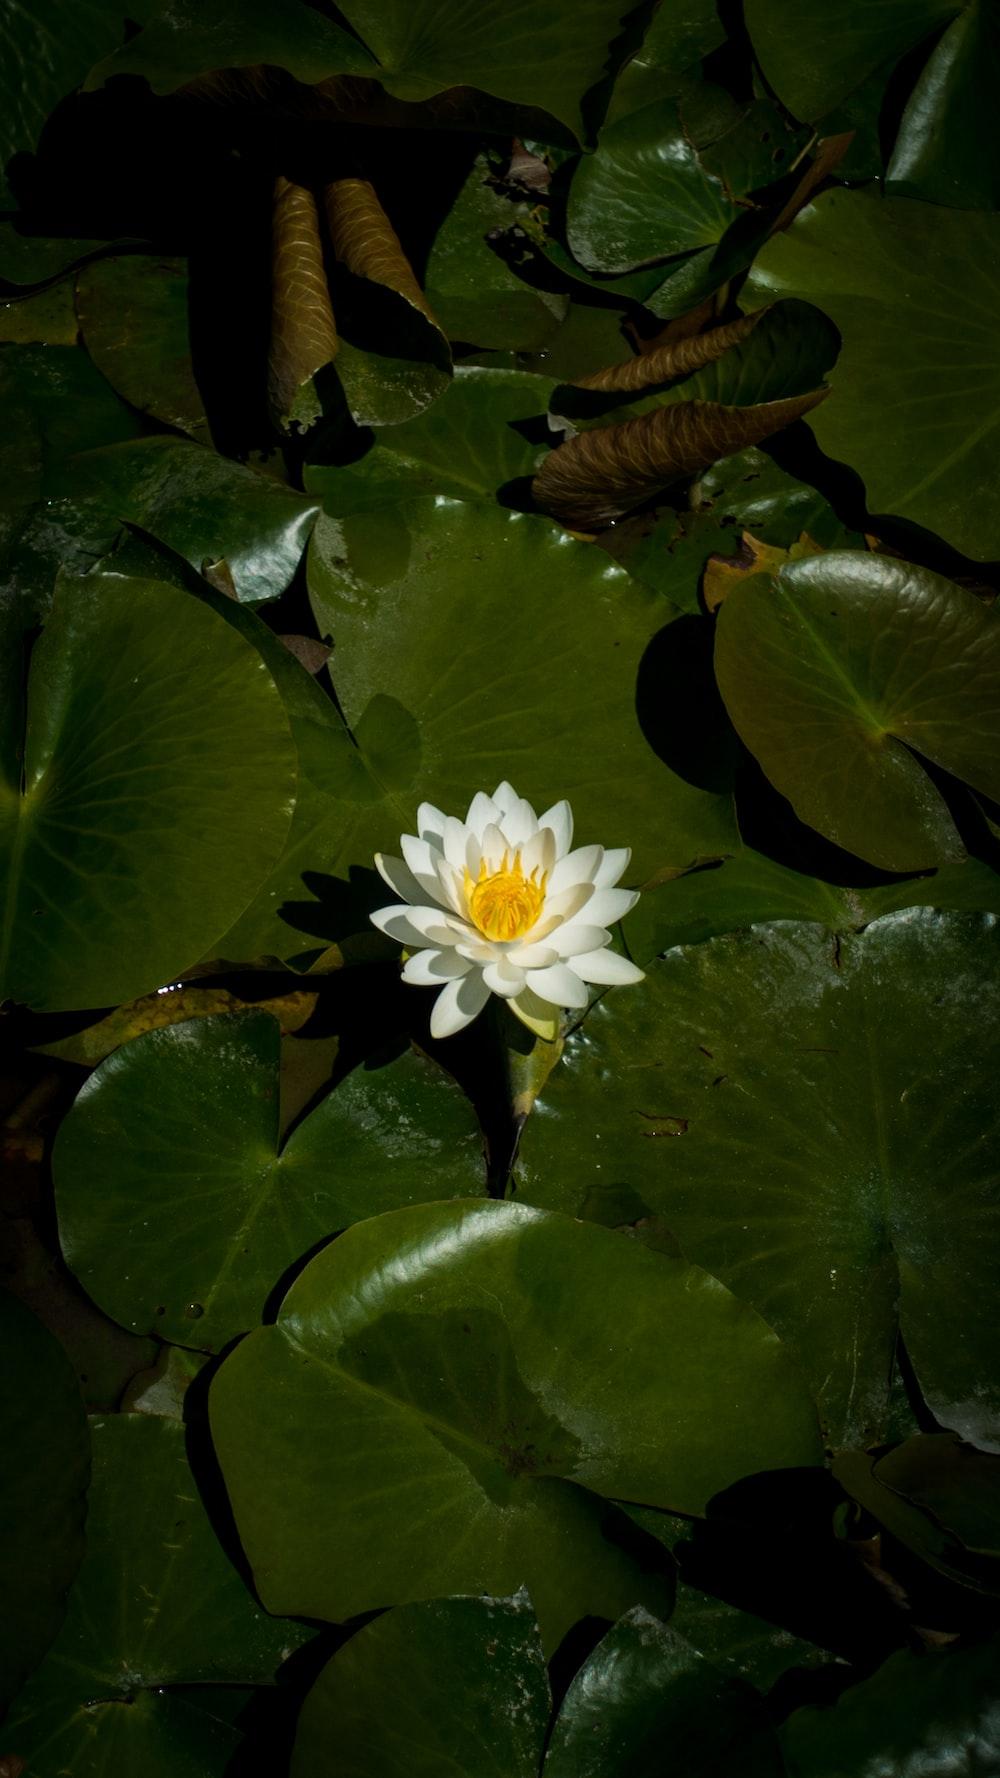 white lotus blooming during daytime